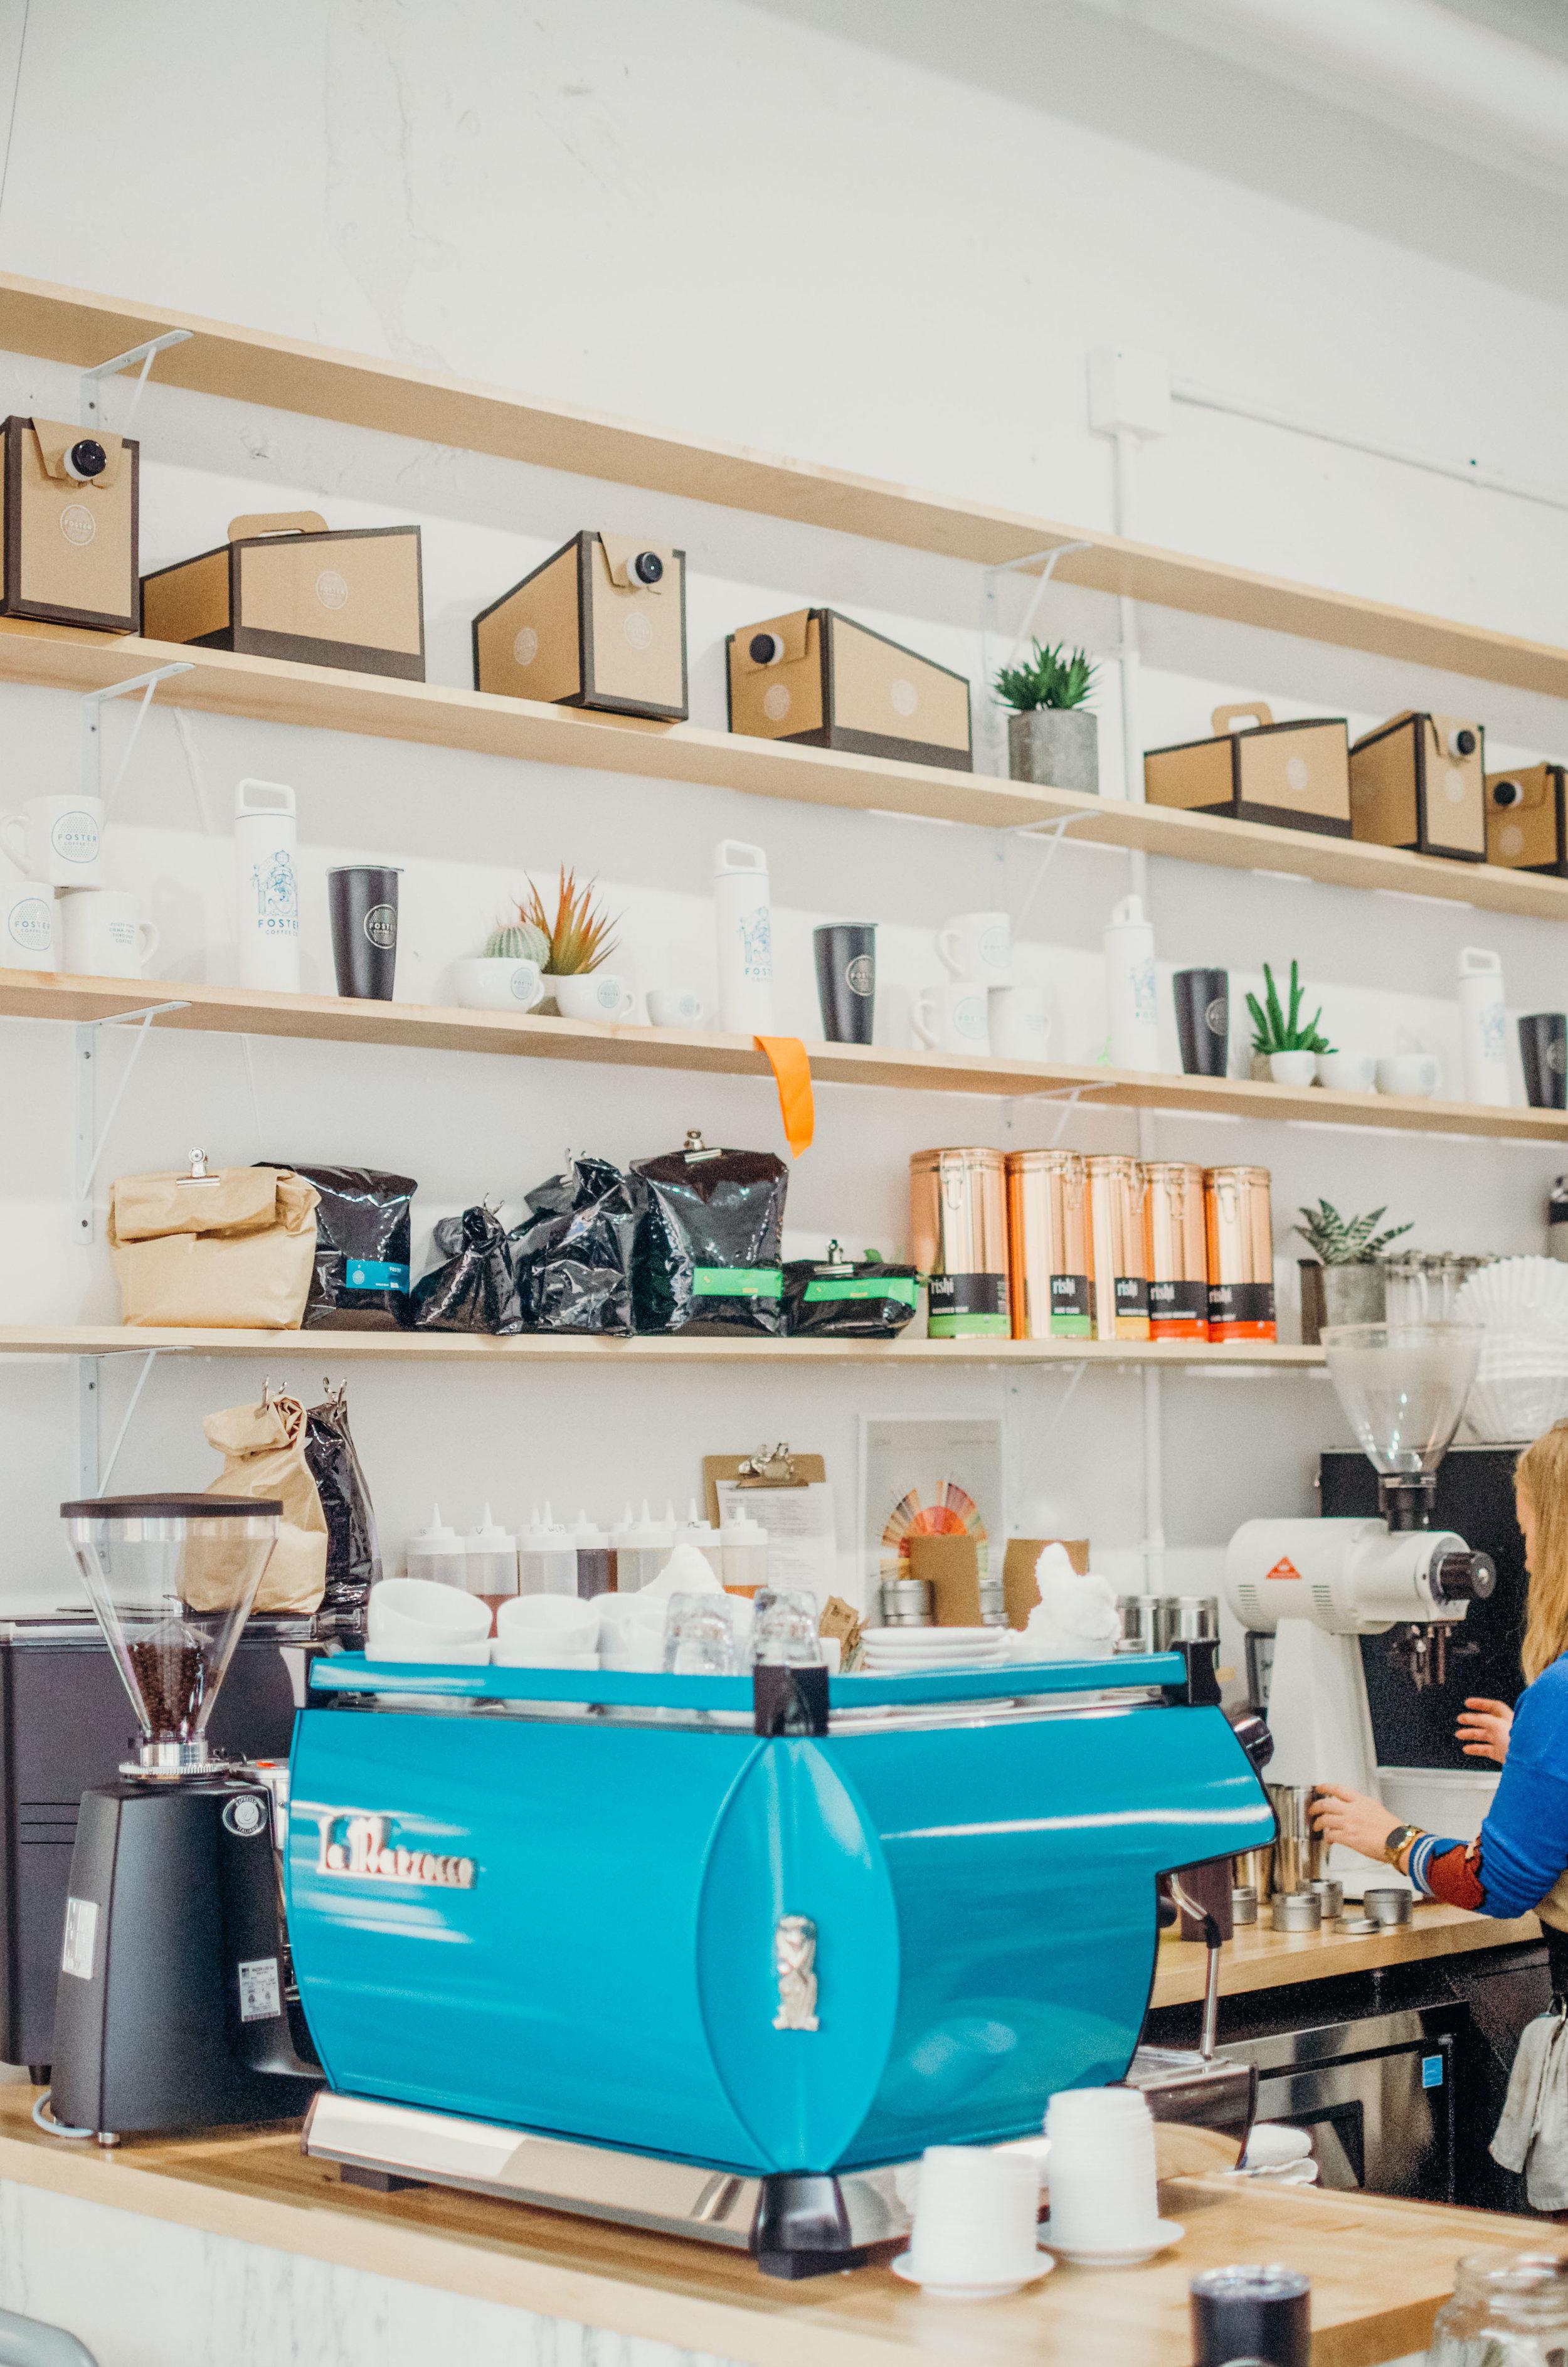 Wendling_Boyd_Foster_Flint_Fwrd_Coffee_Shop-6.jpg